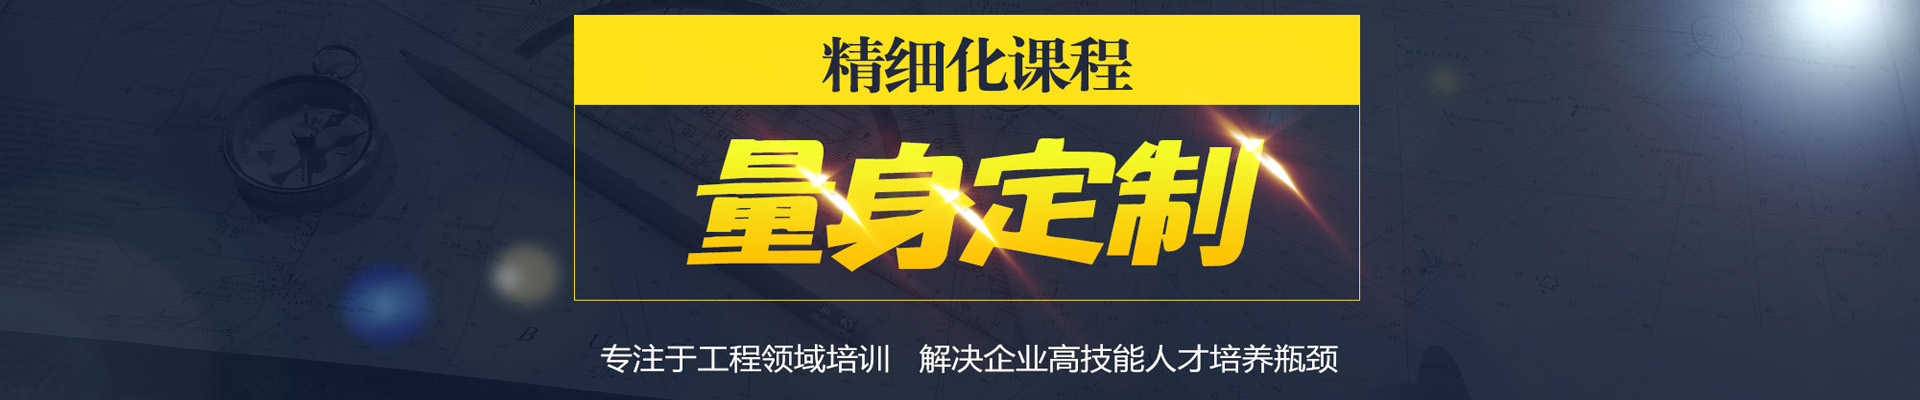 江苏南京鼓楼优路教育培训学校